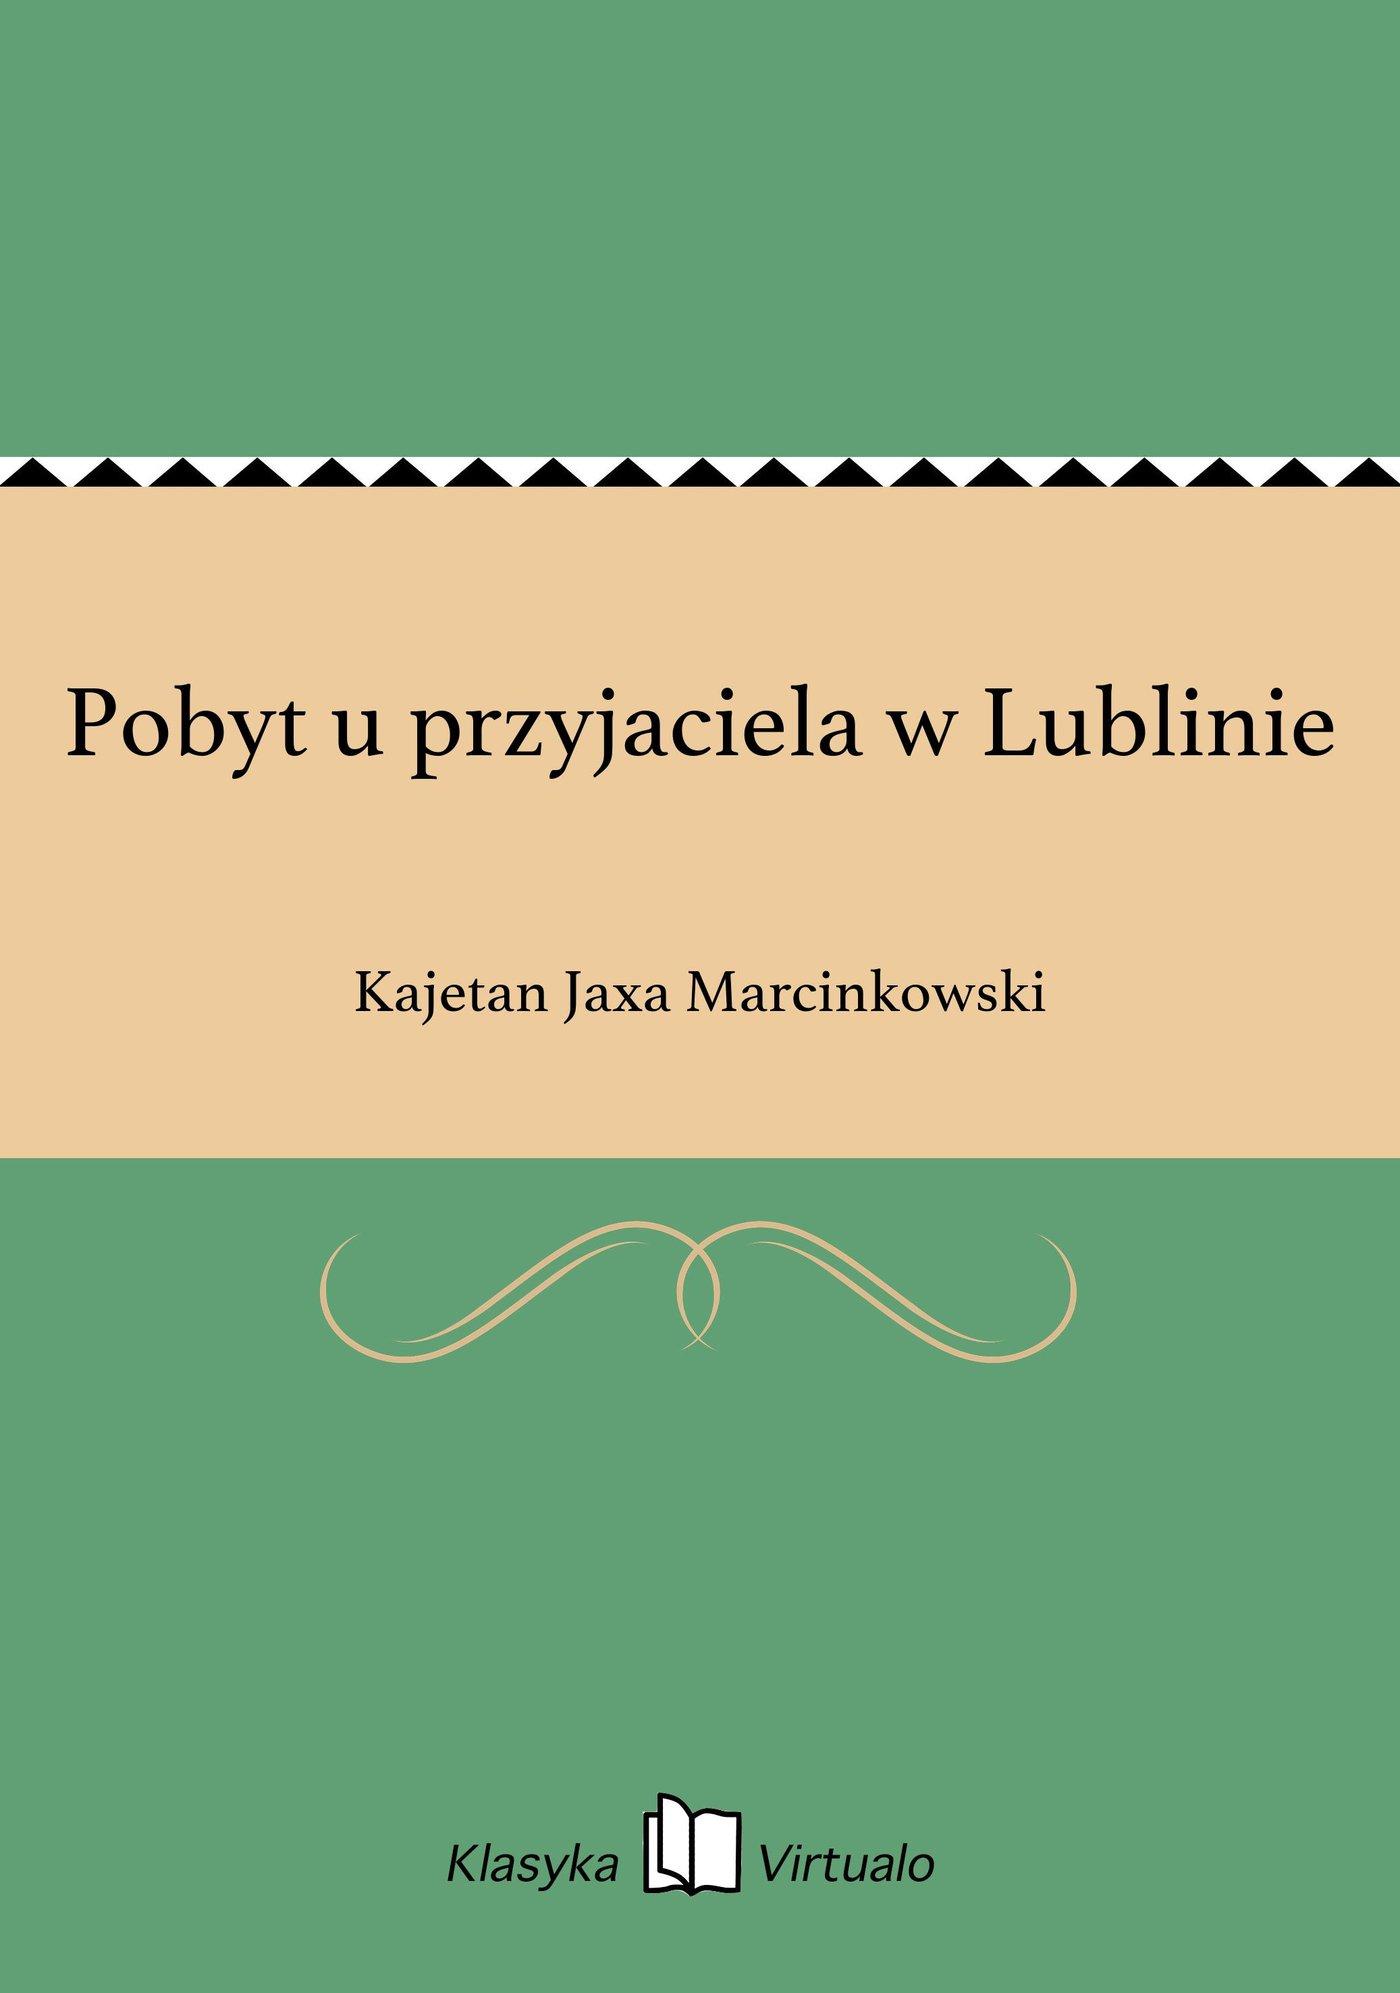 Pobyt u przyjaciela w Lublinie - Ebook (Książka EPUB) do pobrania w formacie EPUB